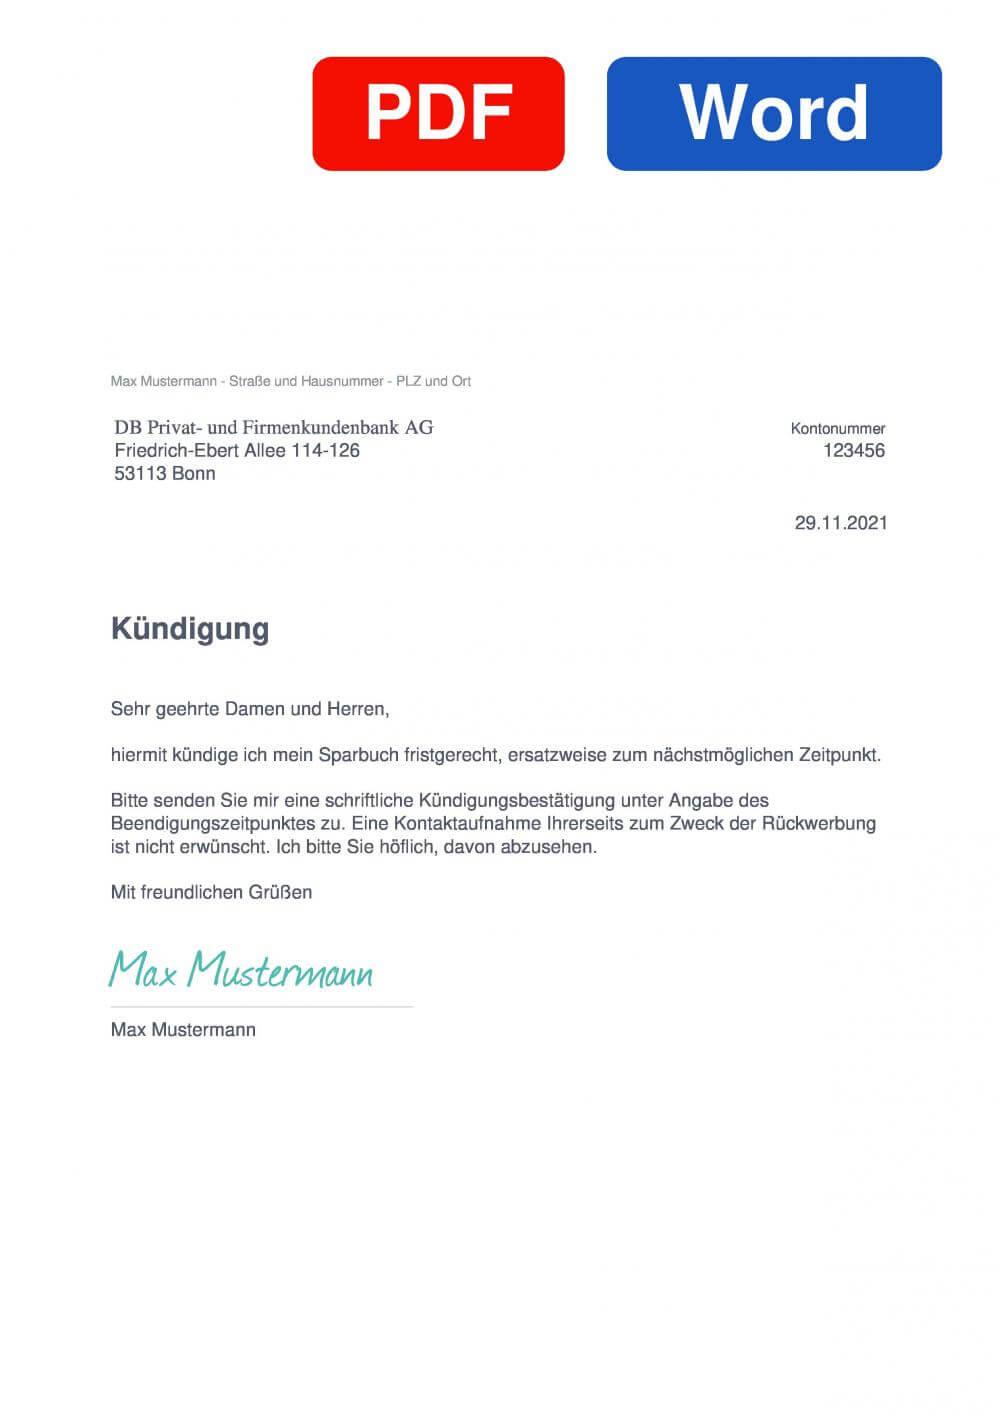 Postbank Sparbuch Muster Vorlage für Kündigungsschreiben